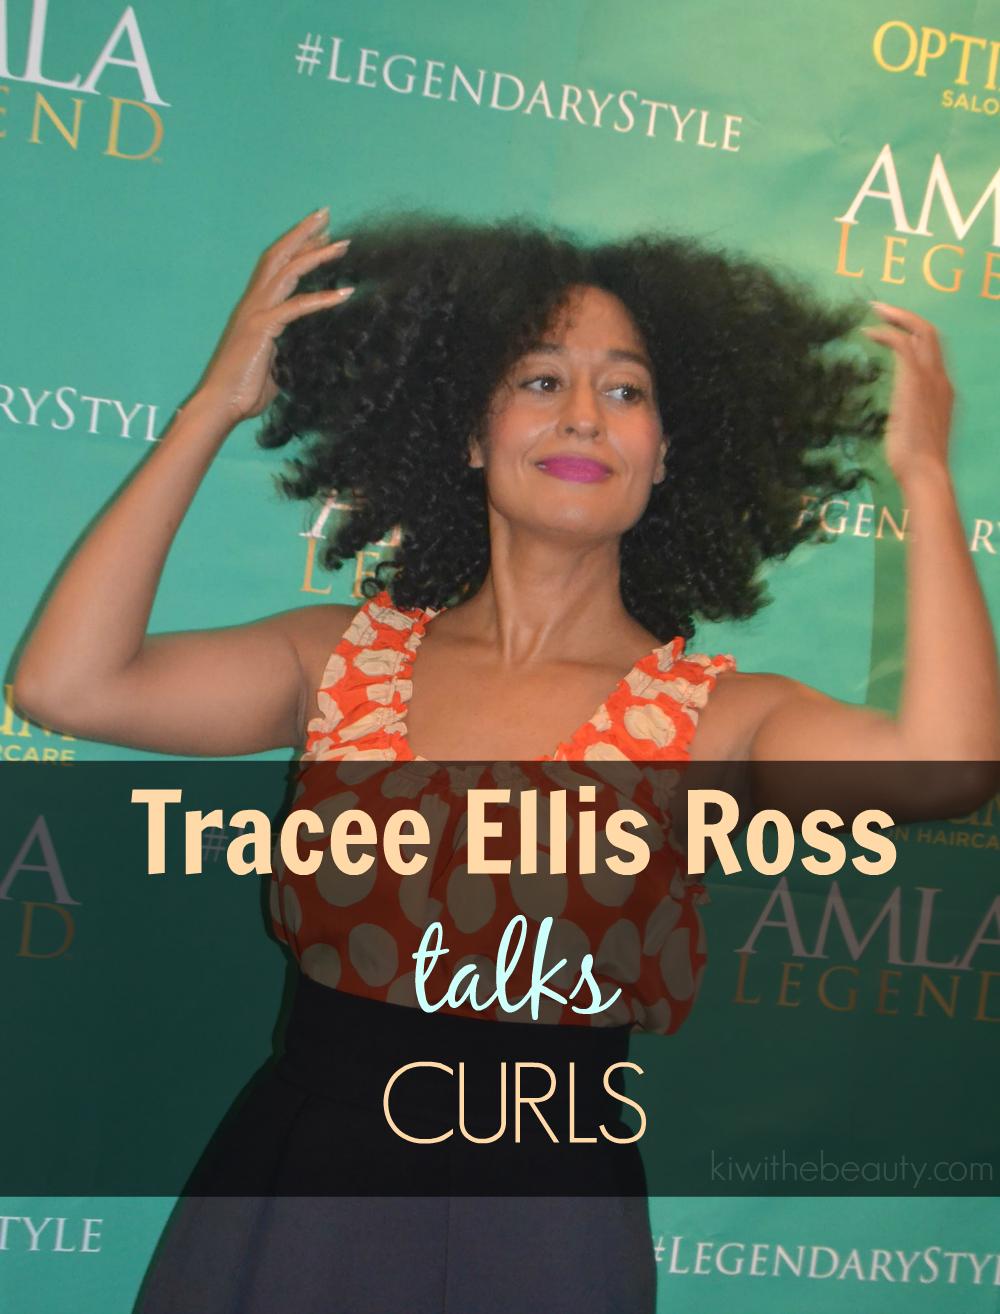 tracee-ellis-ross-curls-diana-ross-kiwi-the-beauty